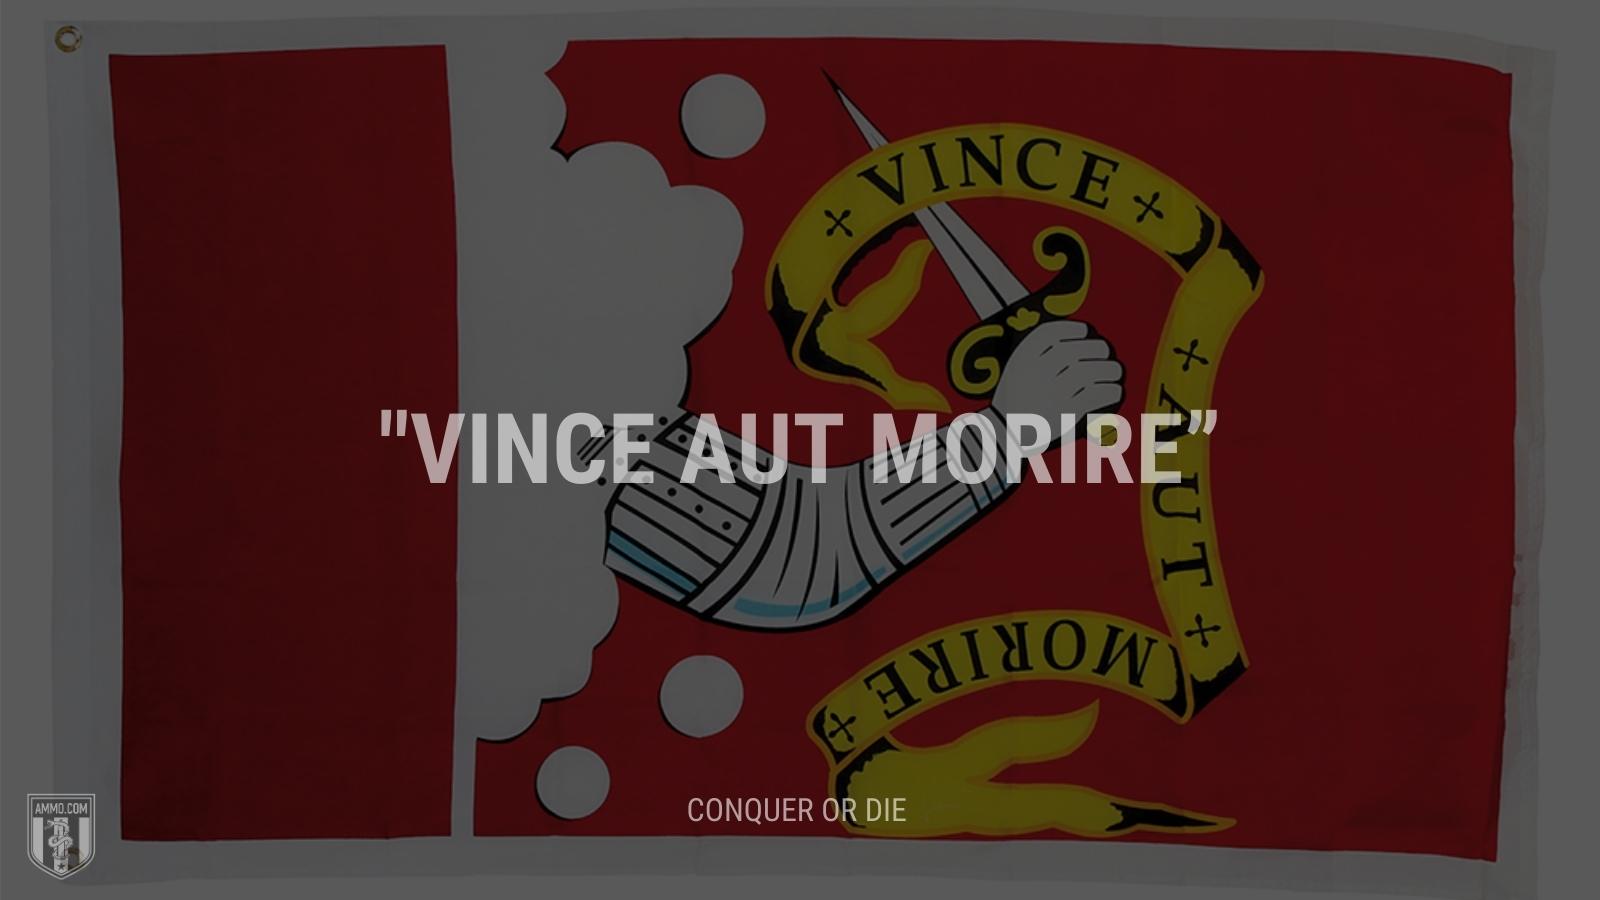 """""""Vince aut morire"""" - Conquer or die"""